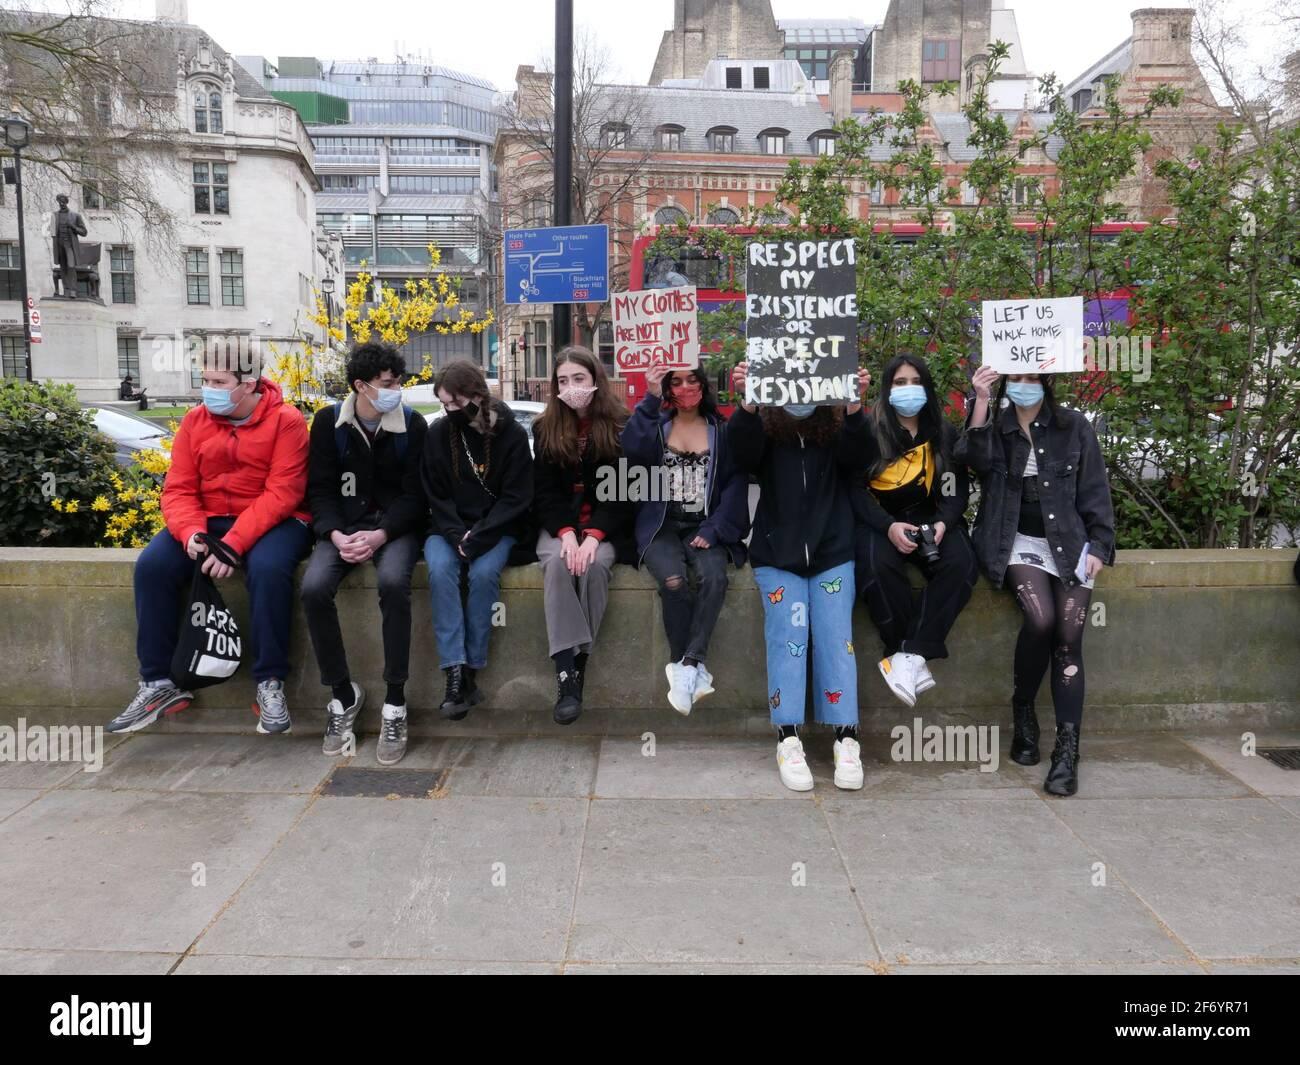 Los manifestantes se reúnen en el centro de Londres y otras 24 ciudades del Reino Unido el sábado 3 de abril contra un proyecto de ley de delincuencia que restringirá el derecho a protestar. El proyecto de ley de sentencias y tribunales policiales, aprobado en segunda lectura en el parlamento el mes pasado, modifica la legislación de orden público existente, haciendo más fácil para la policía prohibir o cerrar futuras protestas pacíficas .. Foto de stock